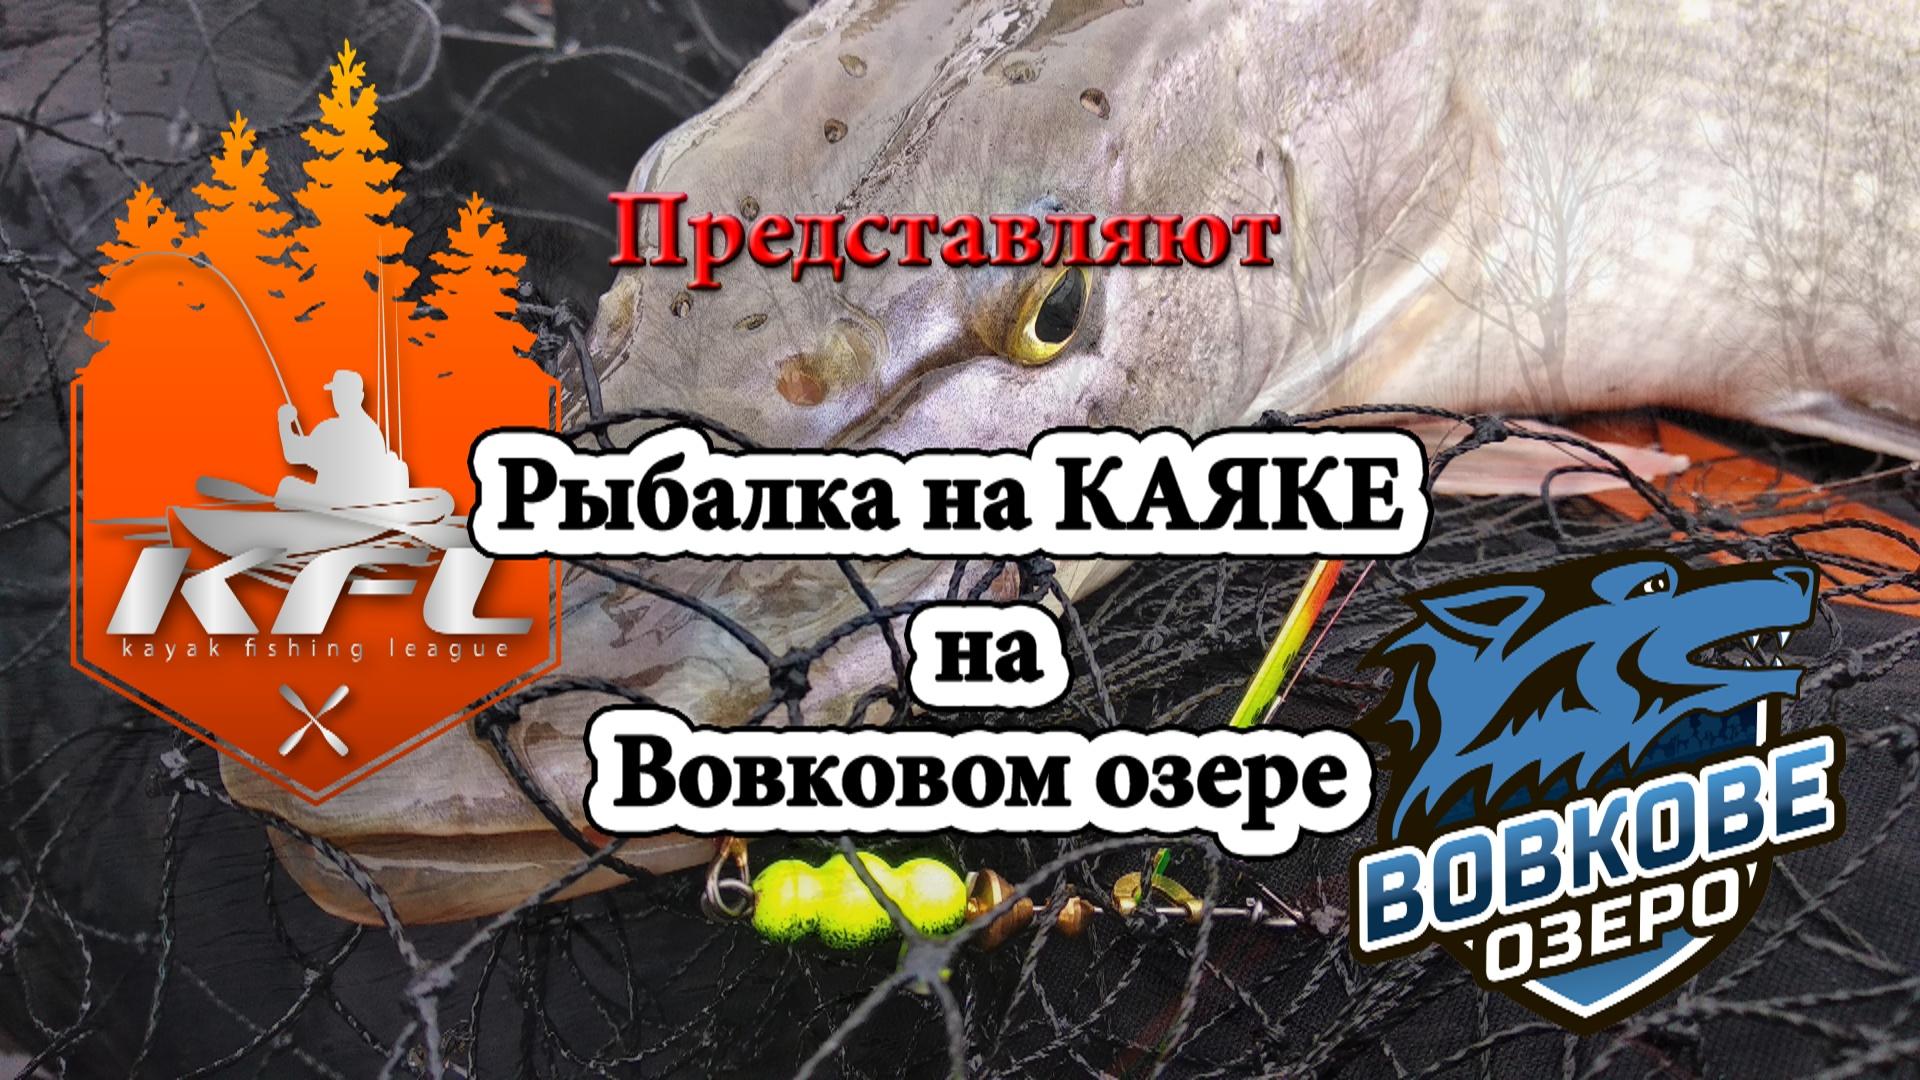 Каяк для рыбалки Купить в Украине